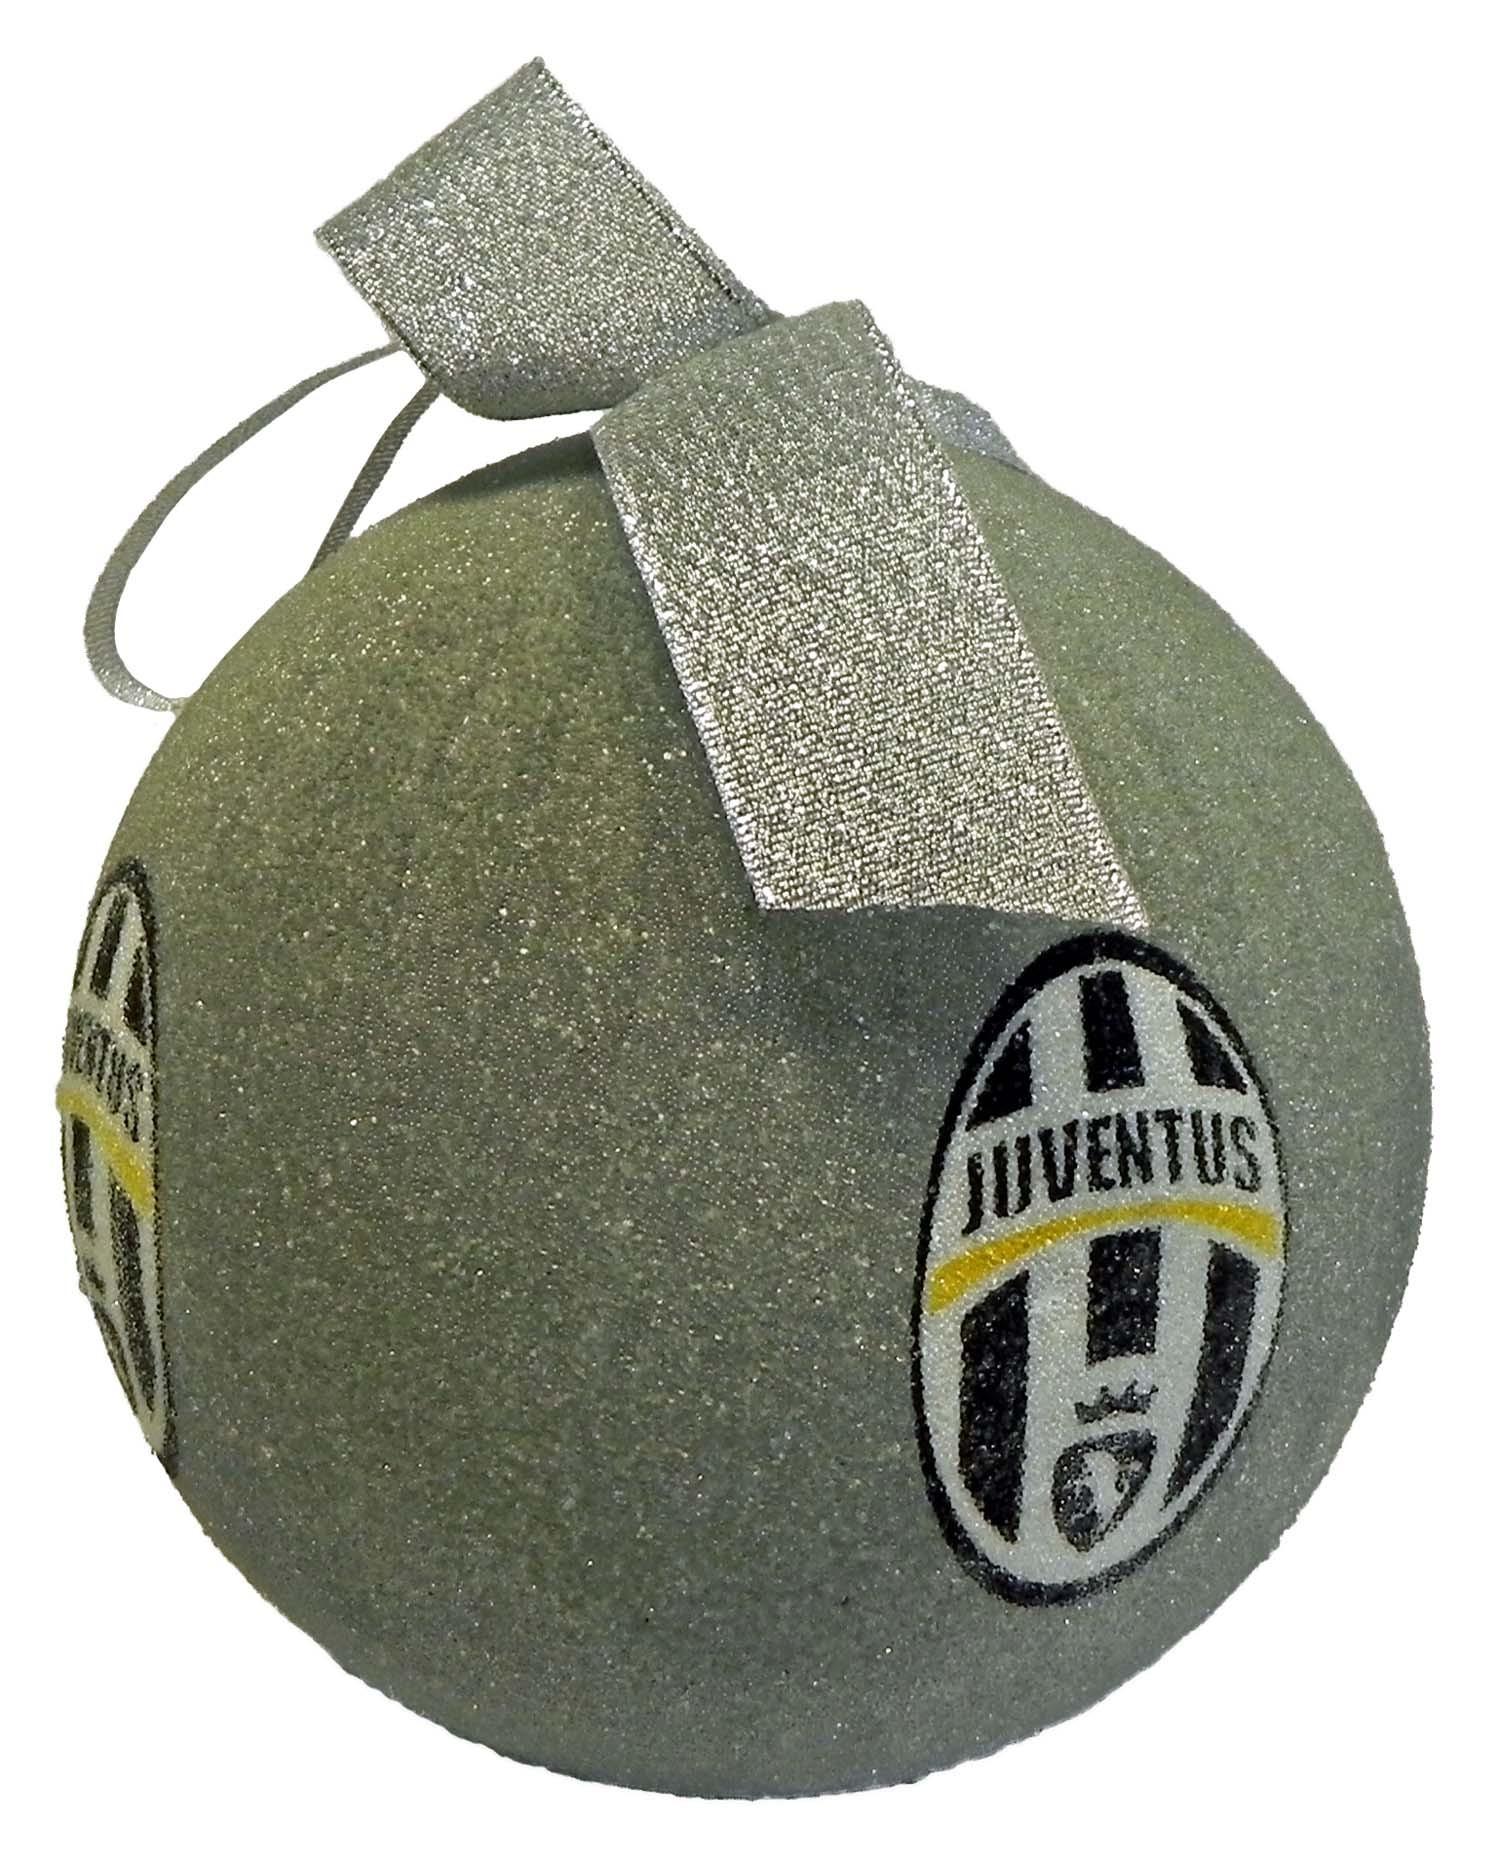 Addobbi Natalizi Juventus.Palla Di Natale Juventus Argento